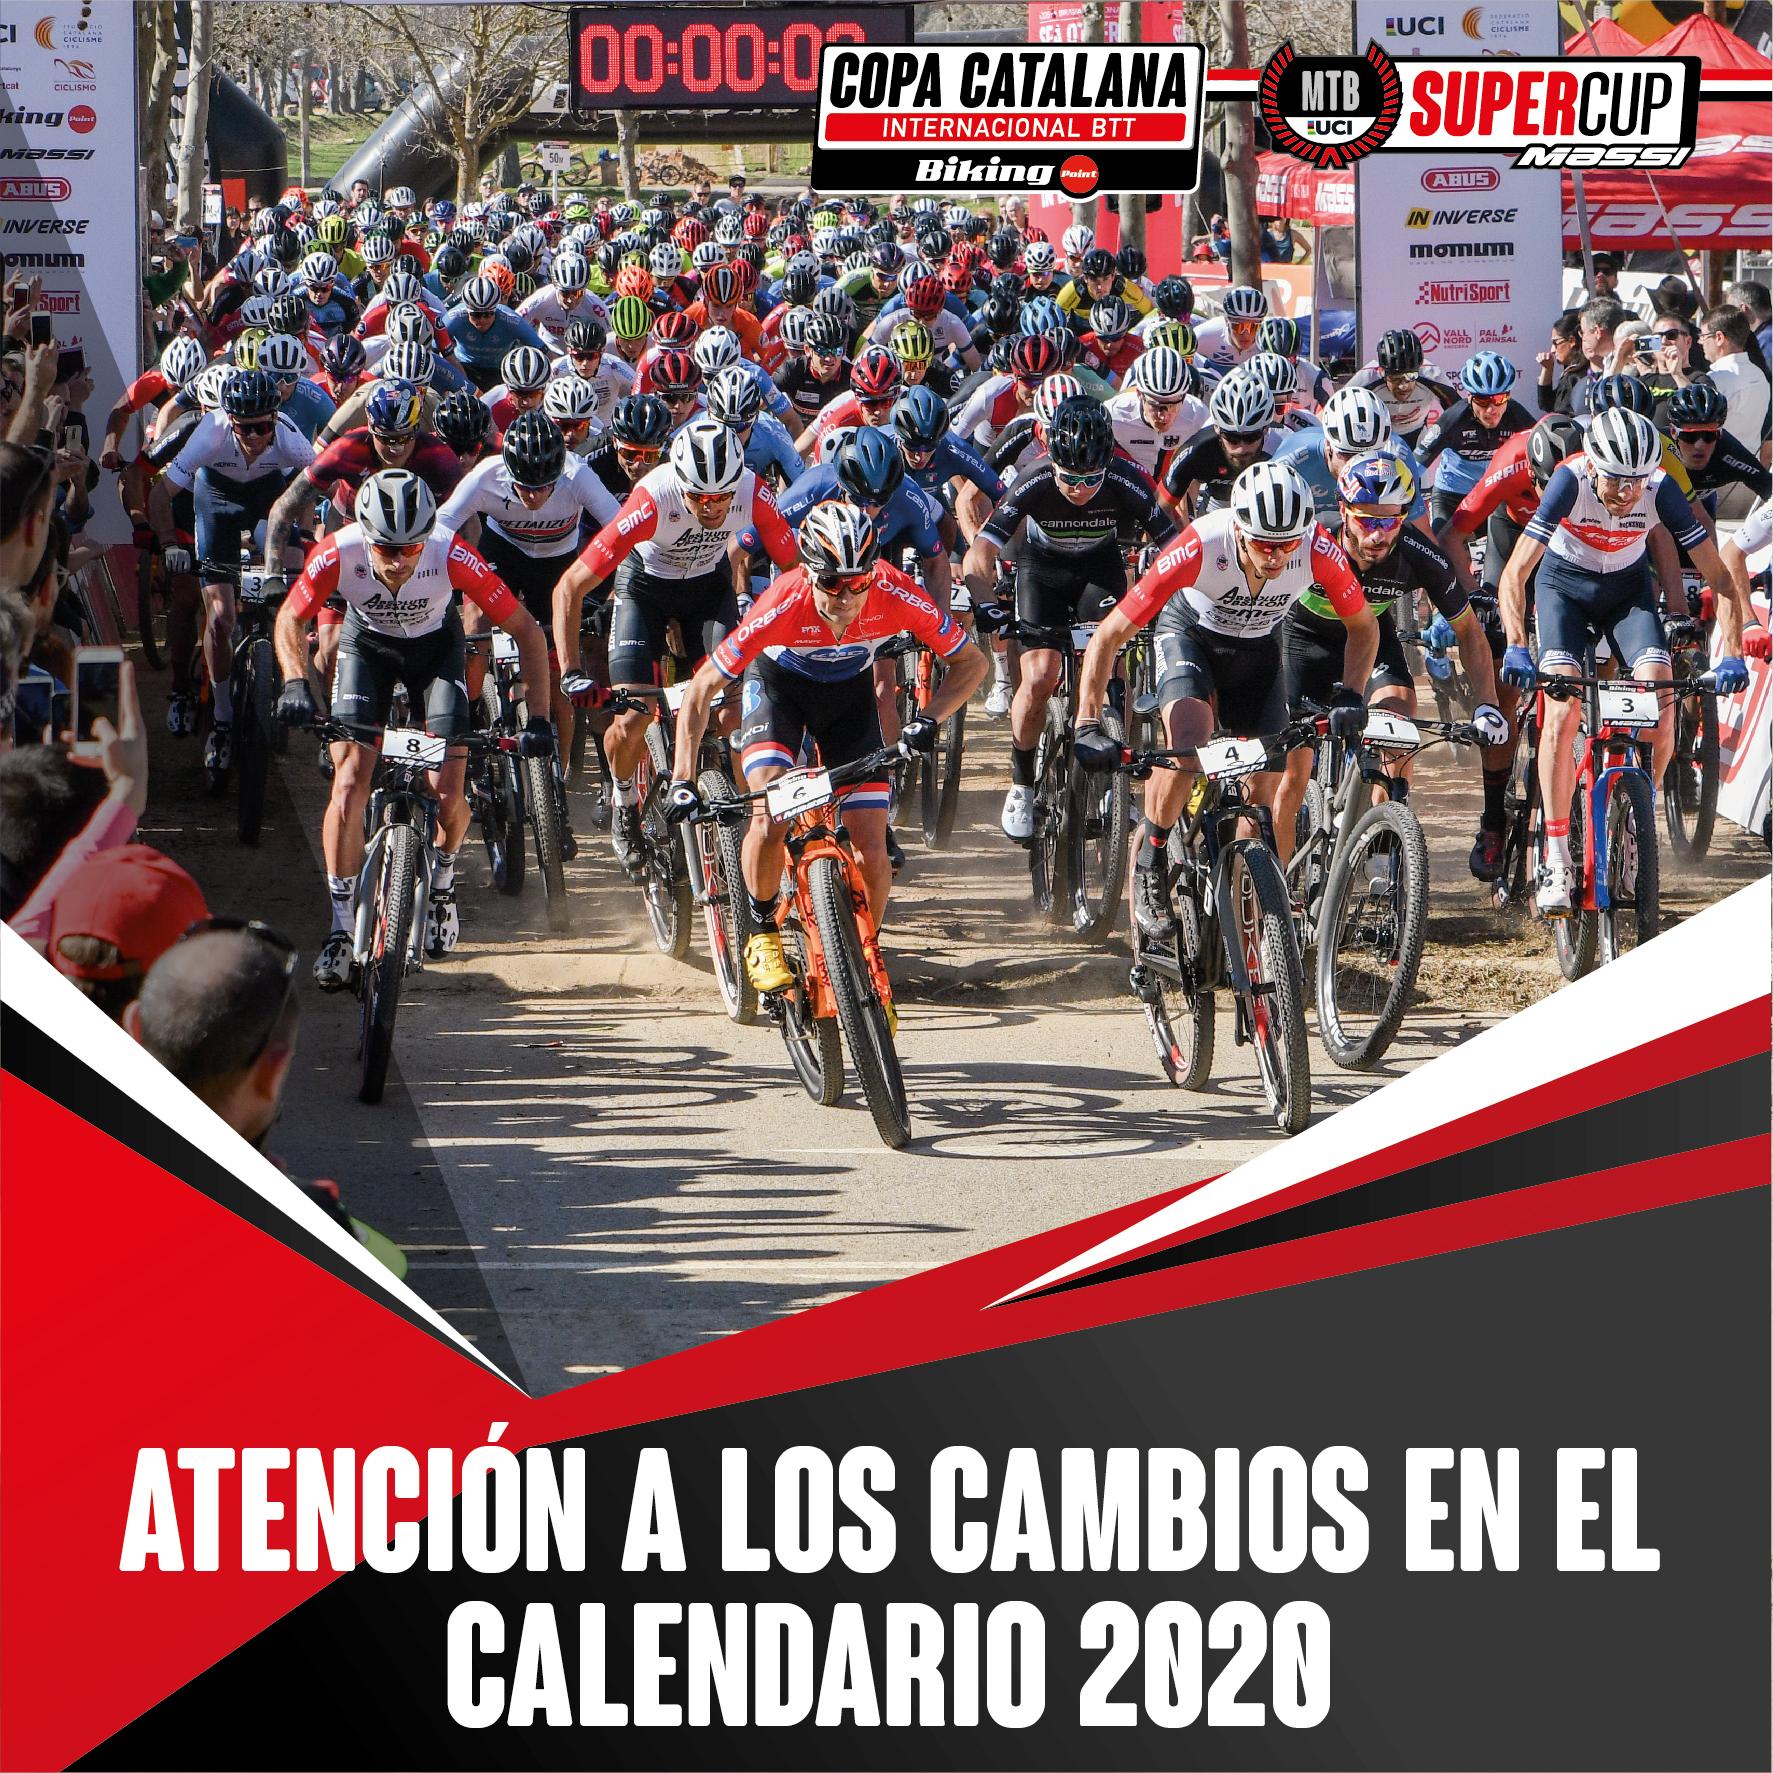 LA COPA CATALANA INTERNACIONAL BIKING POINT SUFRIRÁ CAMBIOS EN EL CALENDARIO 2020 POR EL CORONAVIRUS